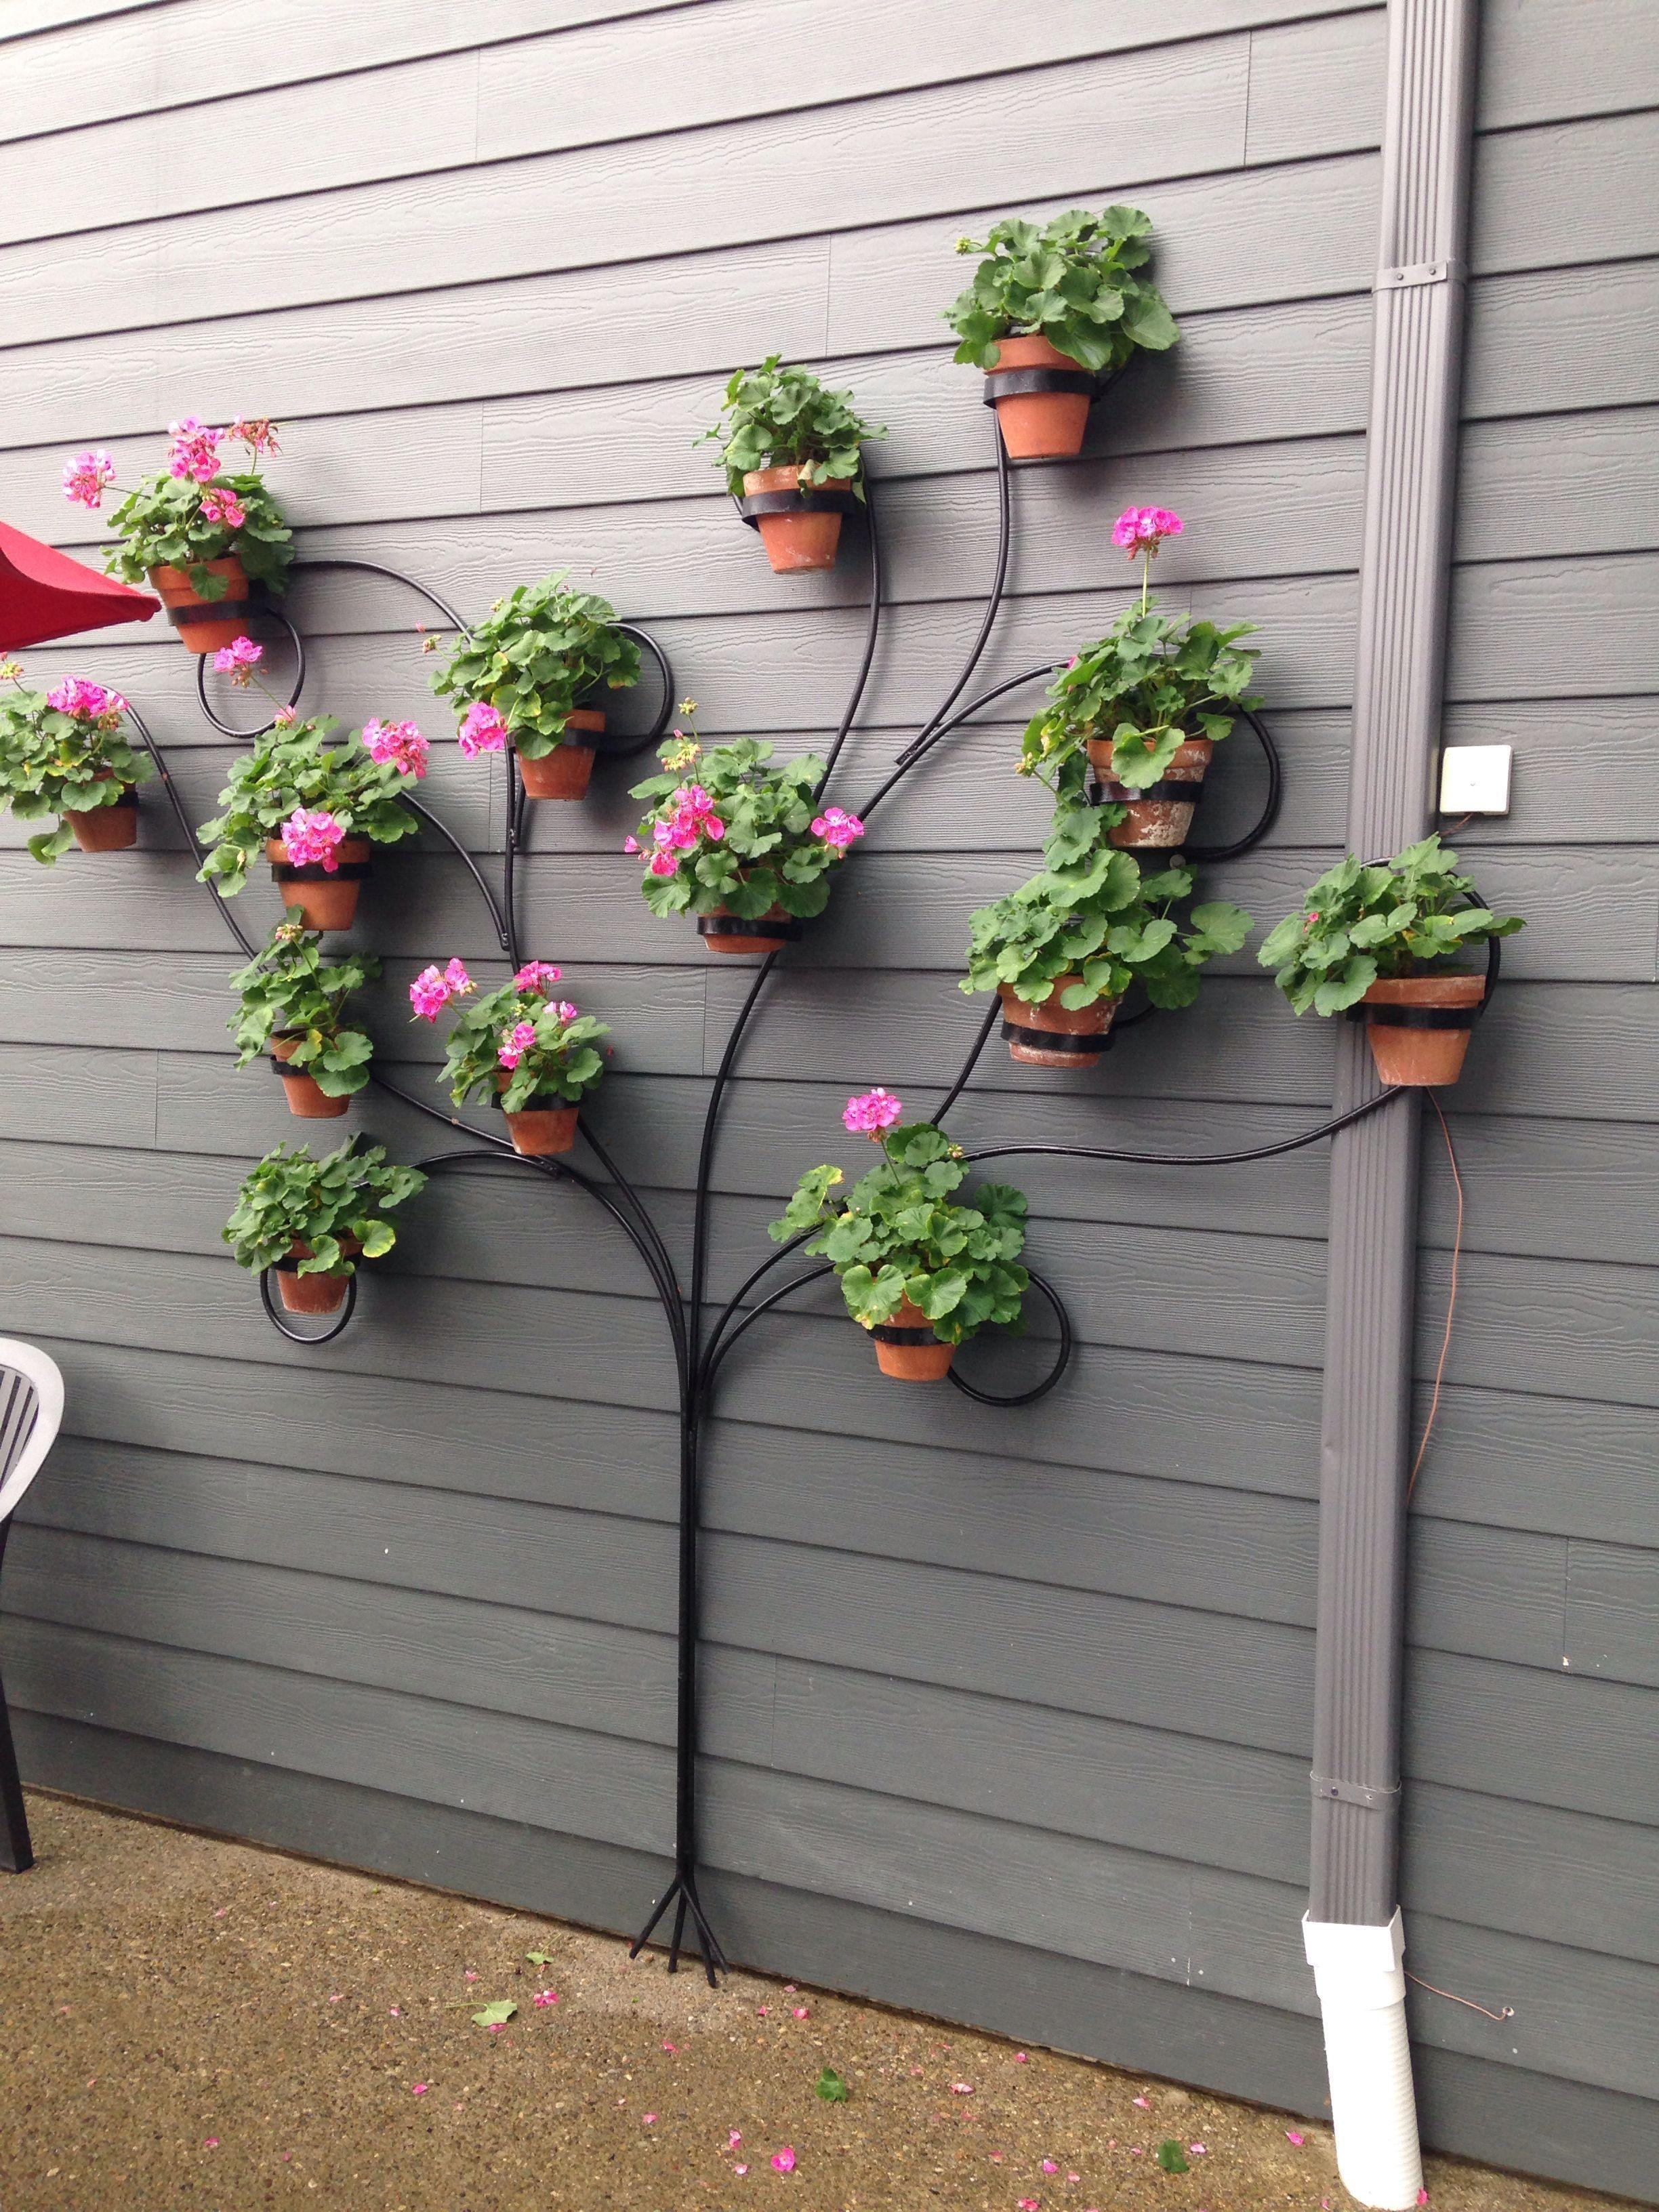 39 Cheap and Easy DIY Garden Ideas Everyone Can Do Easy